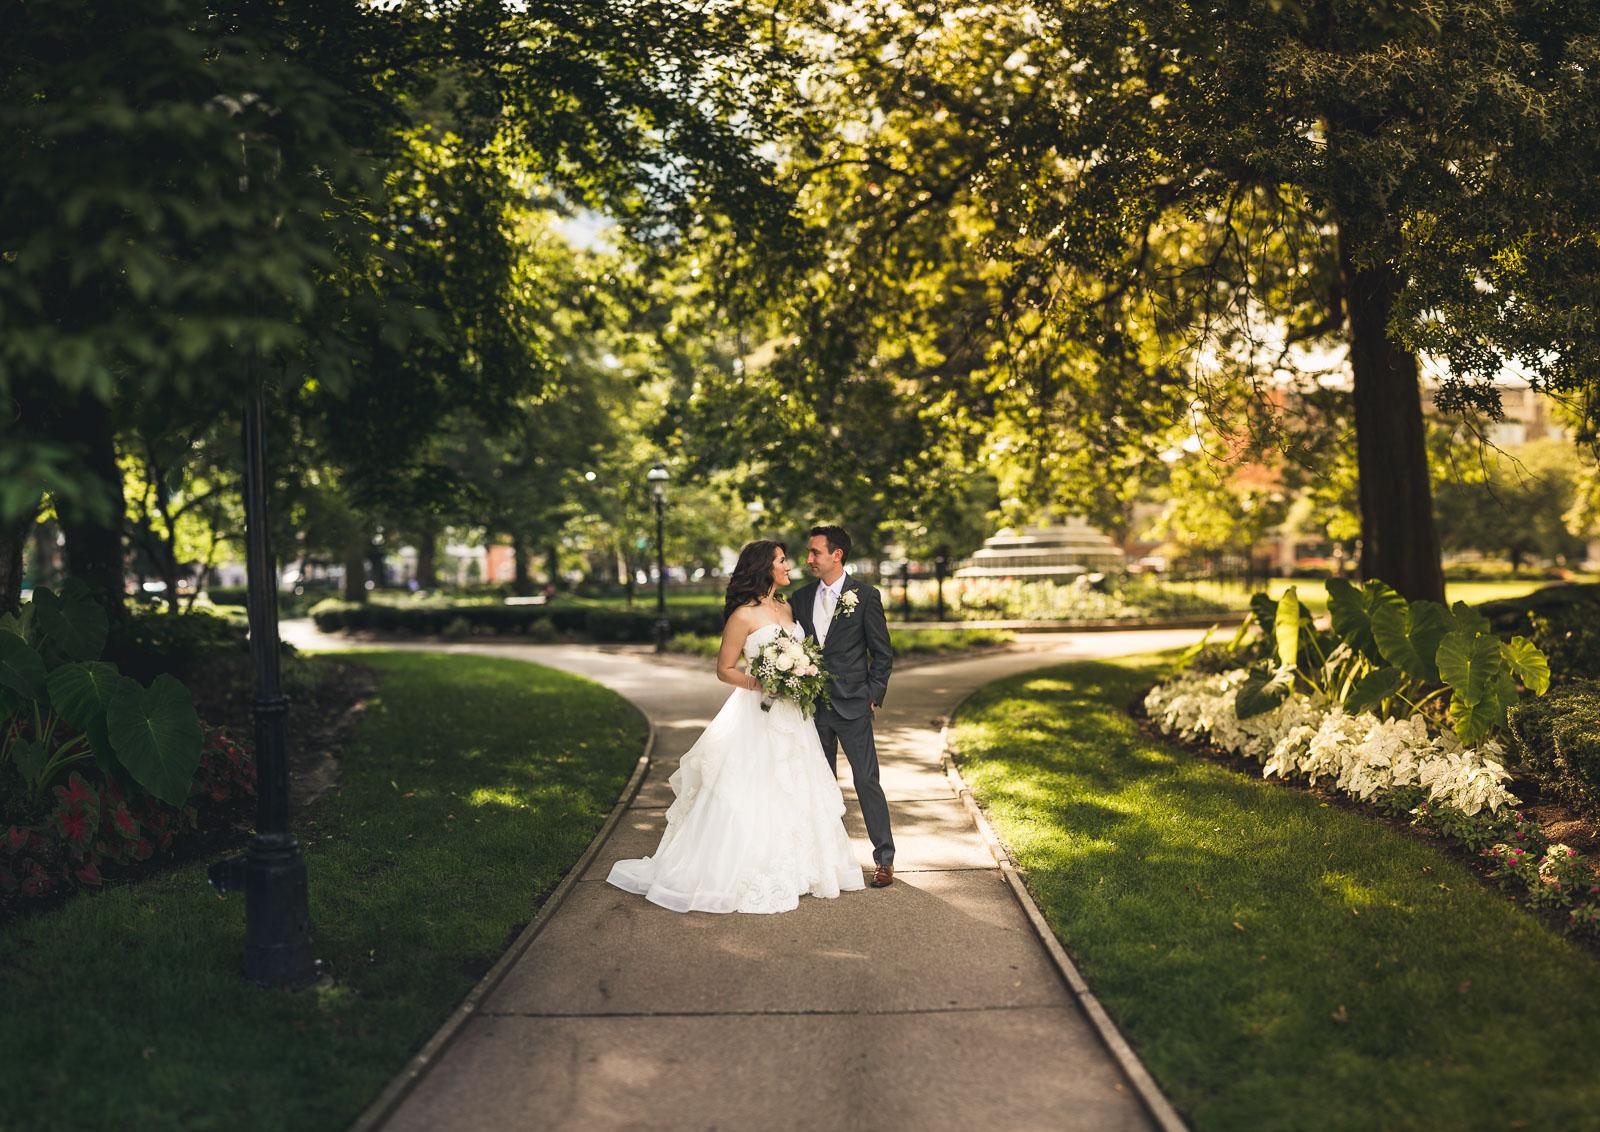 Morristown Green Wedding Photos